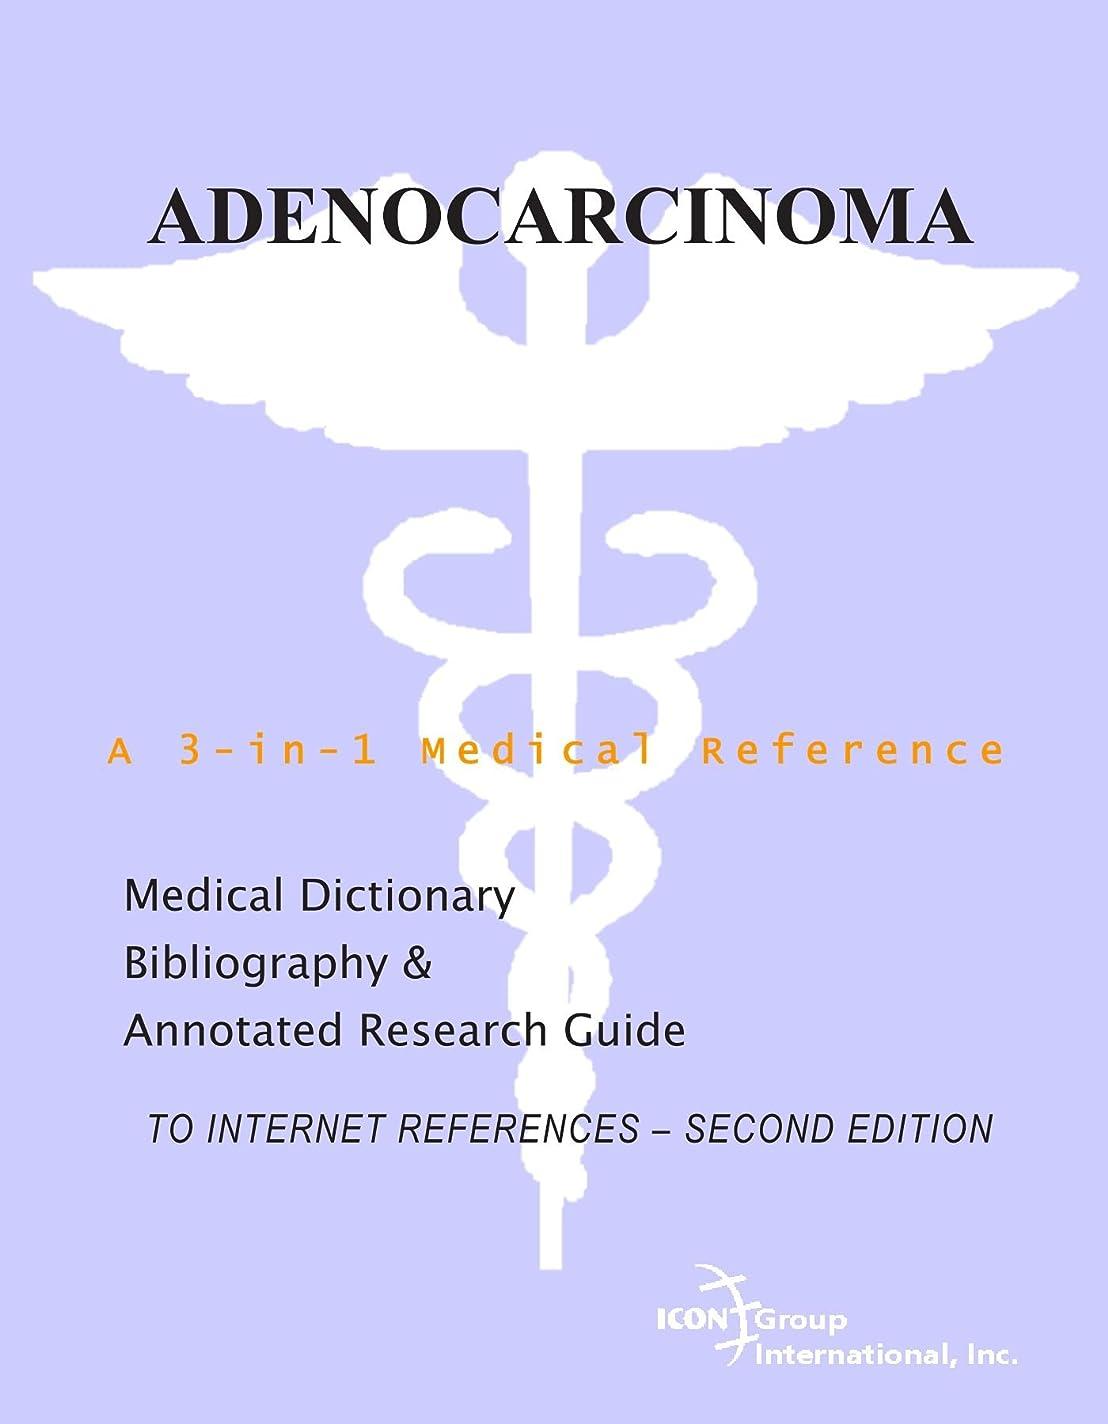 三神社おばあさんAdenocarcinoma - A Medical Dictionary, Bibliography, and Annotated Research Guide to Internet References - SECOND EDITION